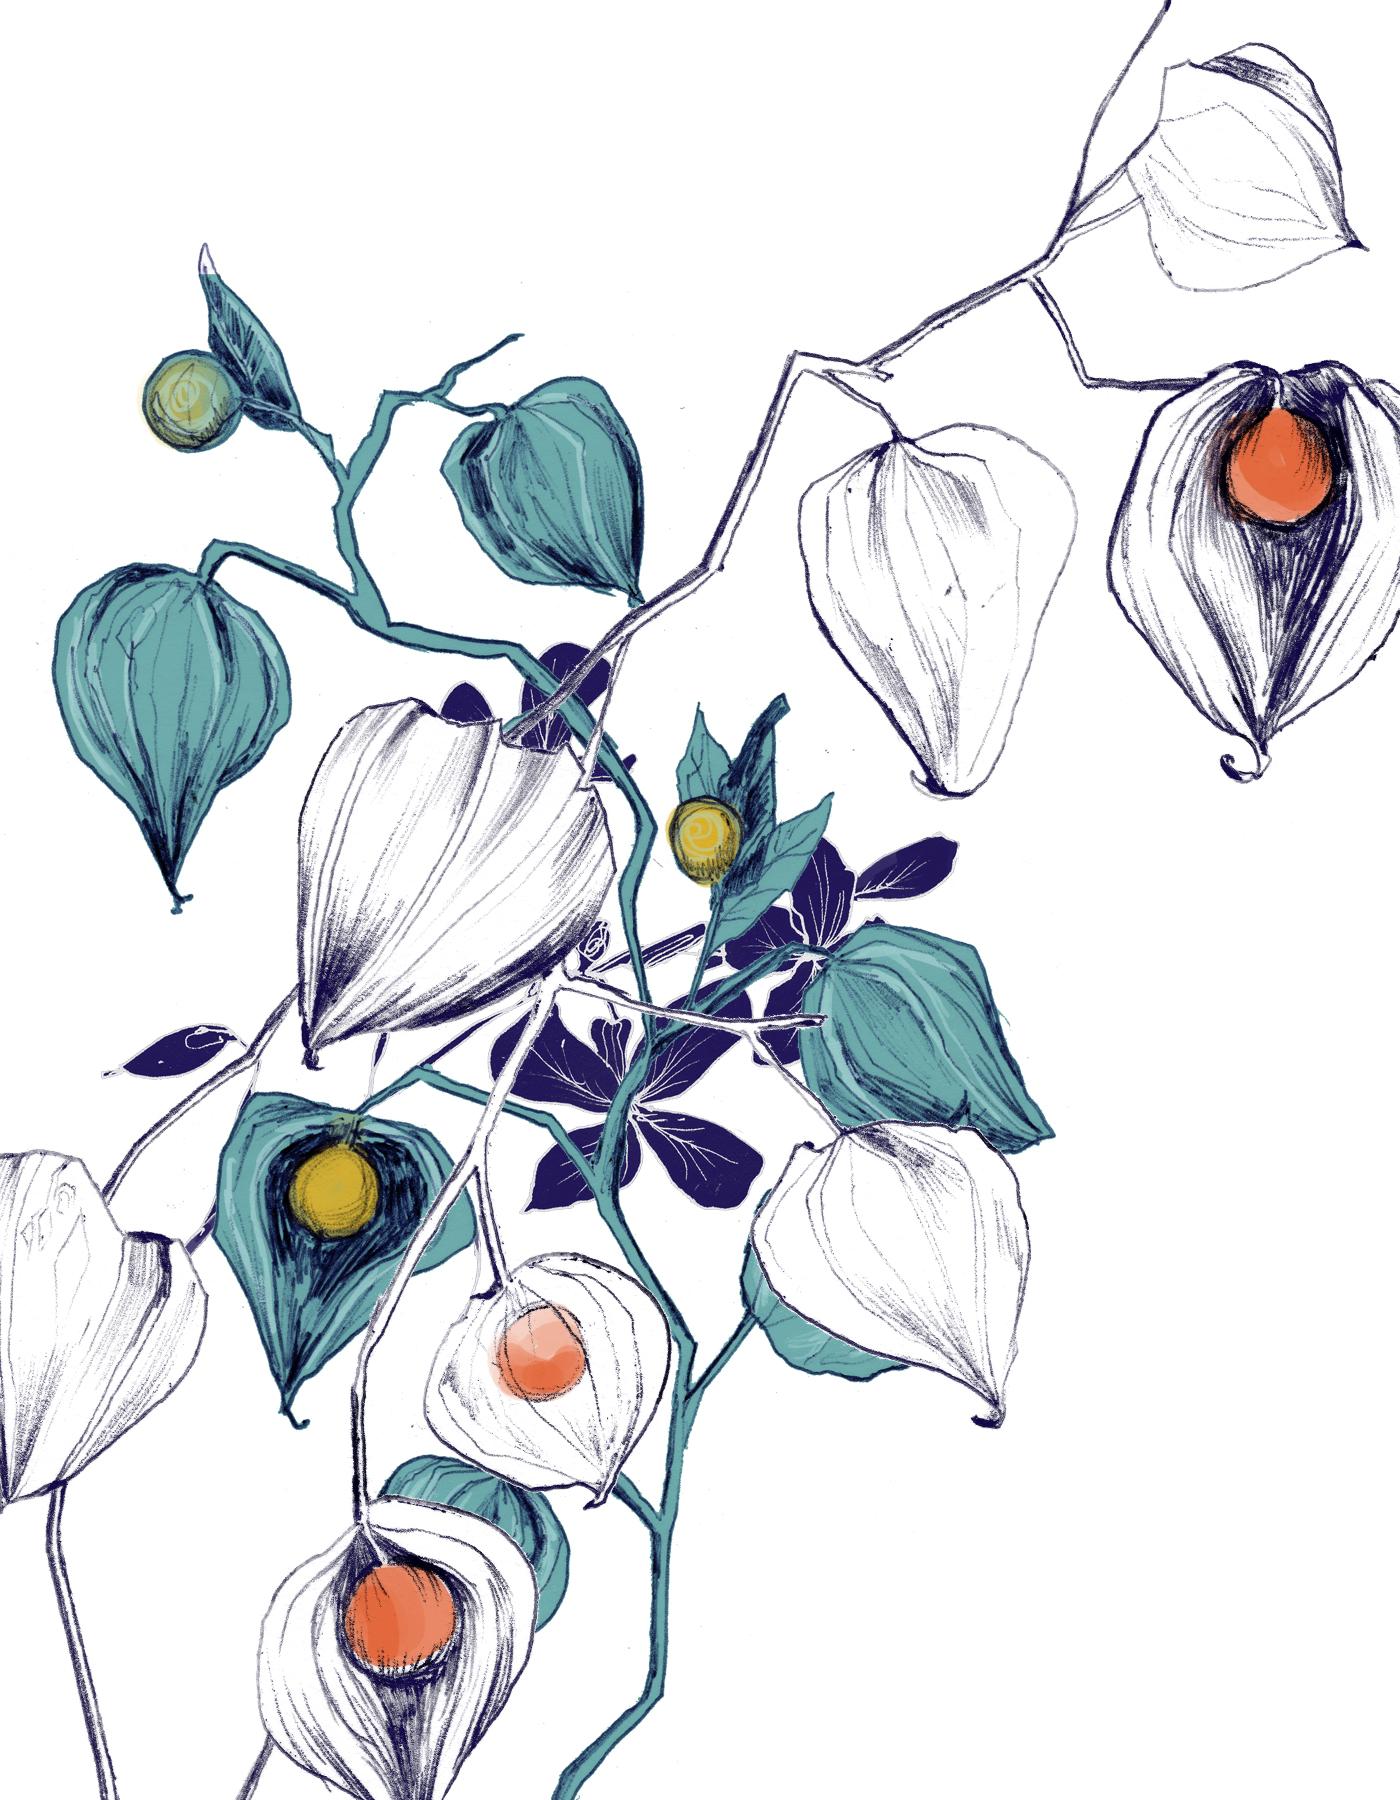 fig. 1. Drawings